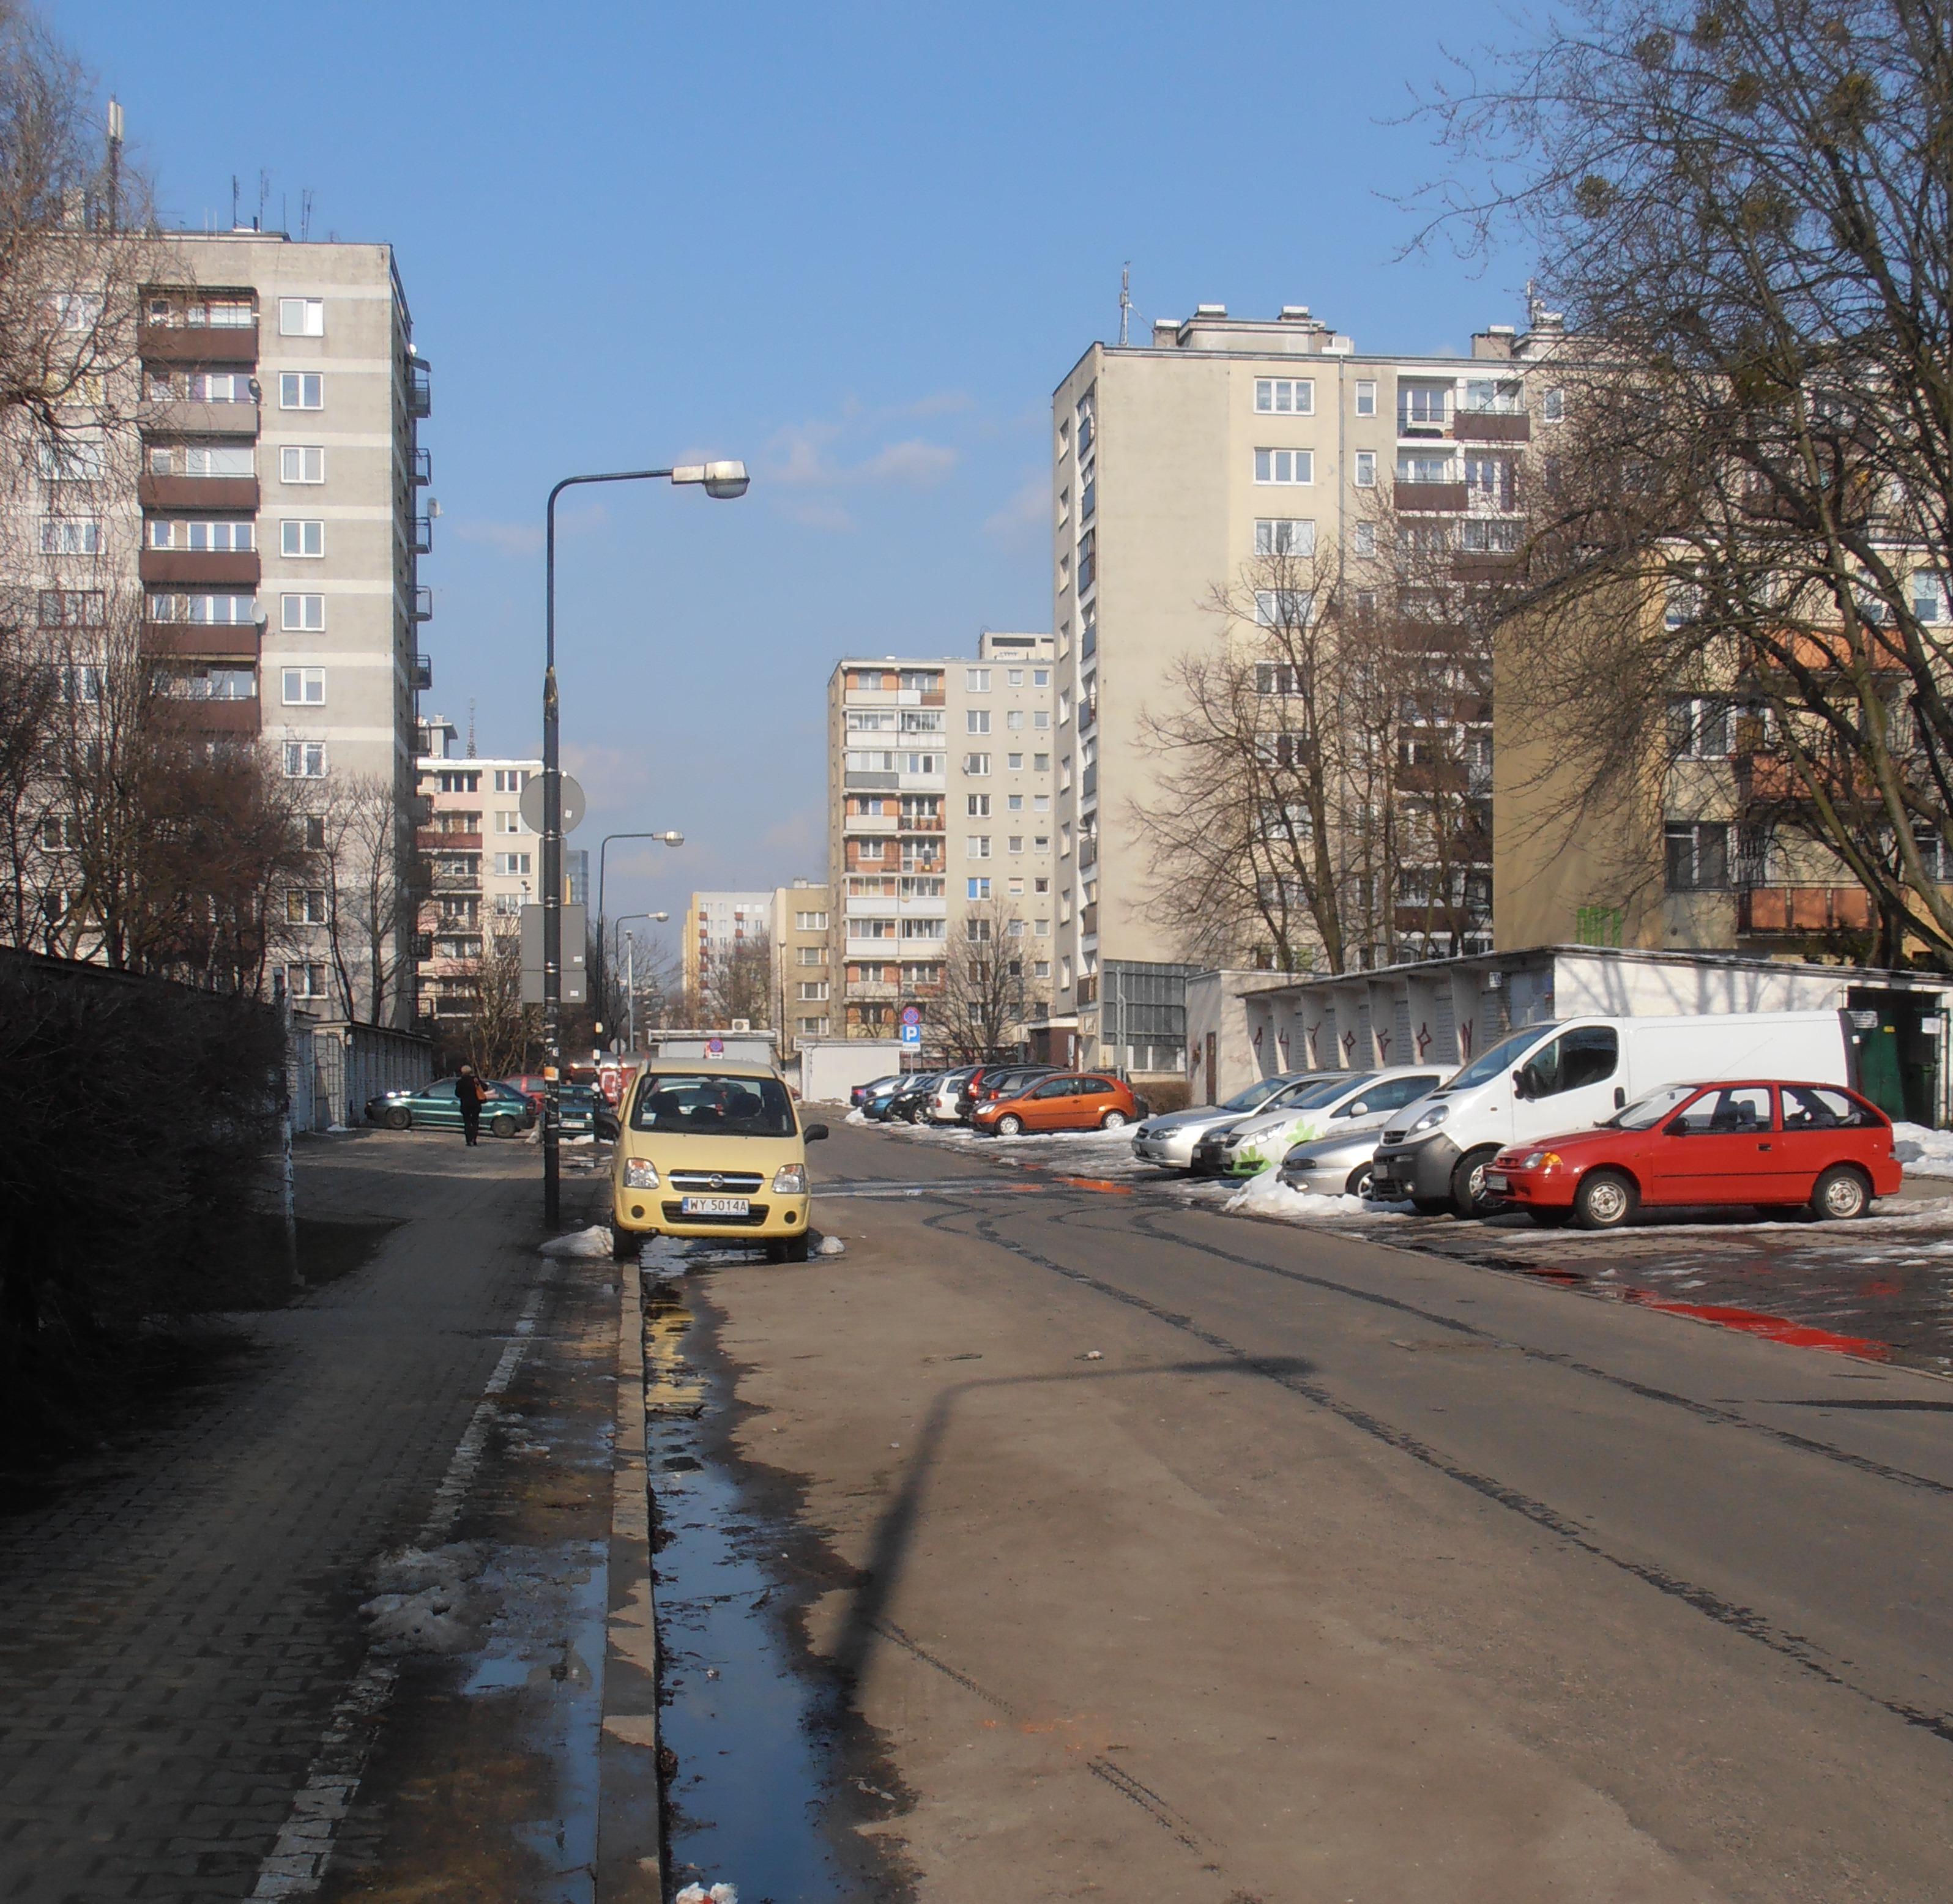 Ulica Niska